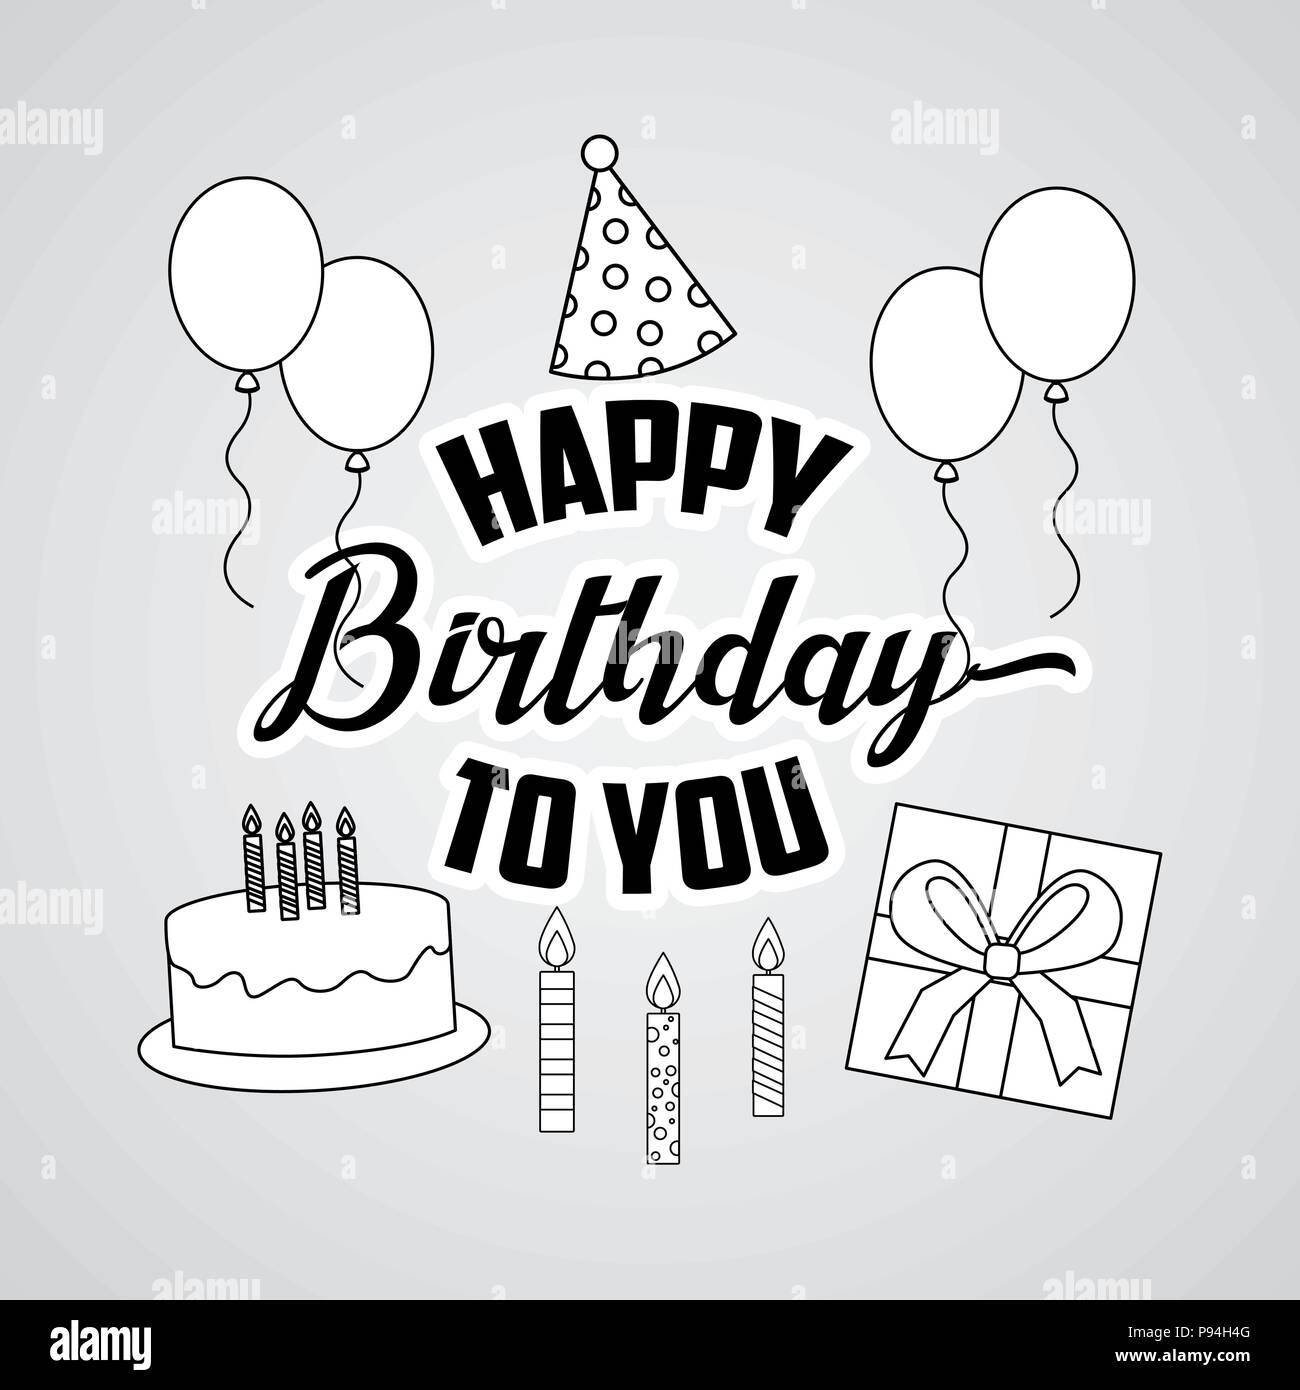 Happy Birthday Card Draw Zeichen Kuchen Candless Ballons Hat Party Geschenk Box Vector Illustration